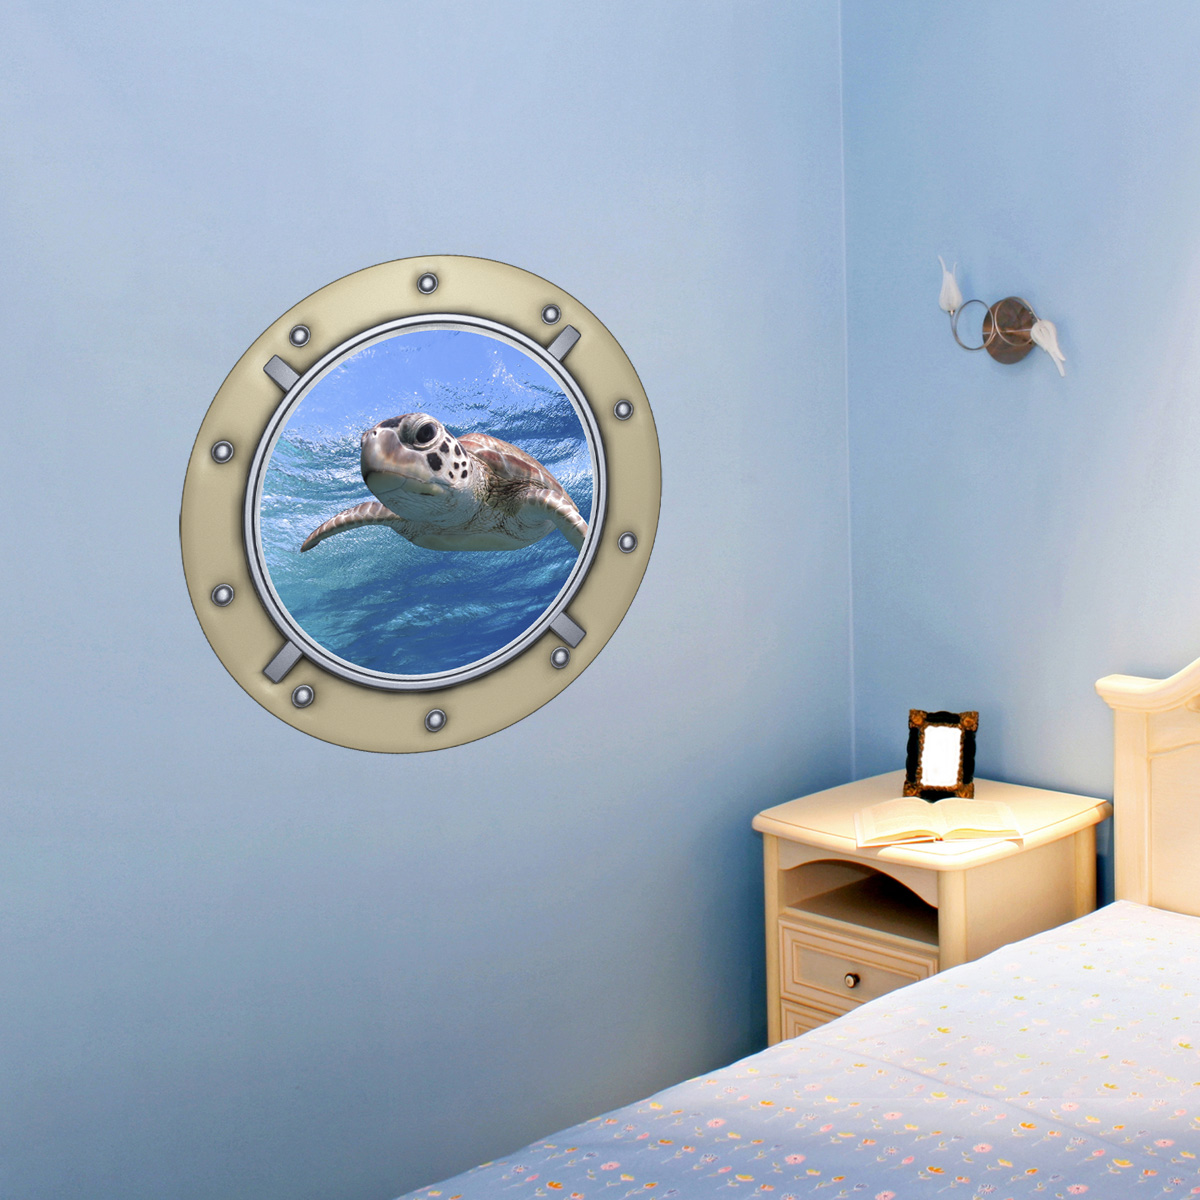 Sticker muraux trompe l 39 oeil sticker mural tortue de mer for Trompe l oeil mural interieur